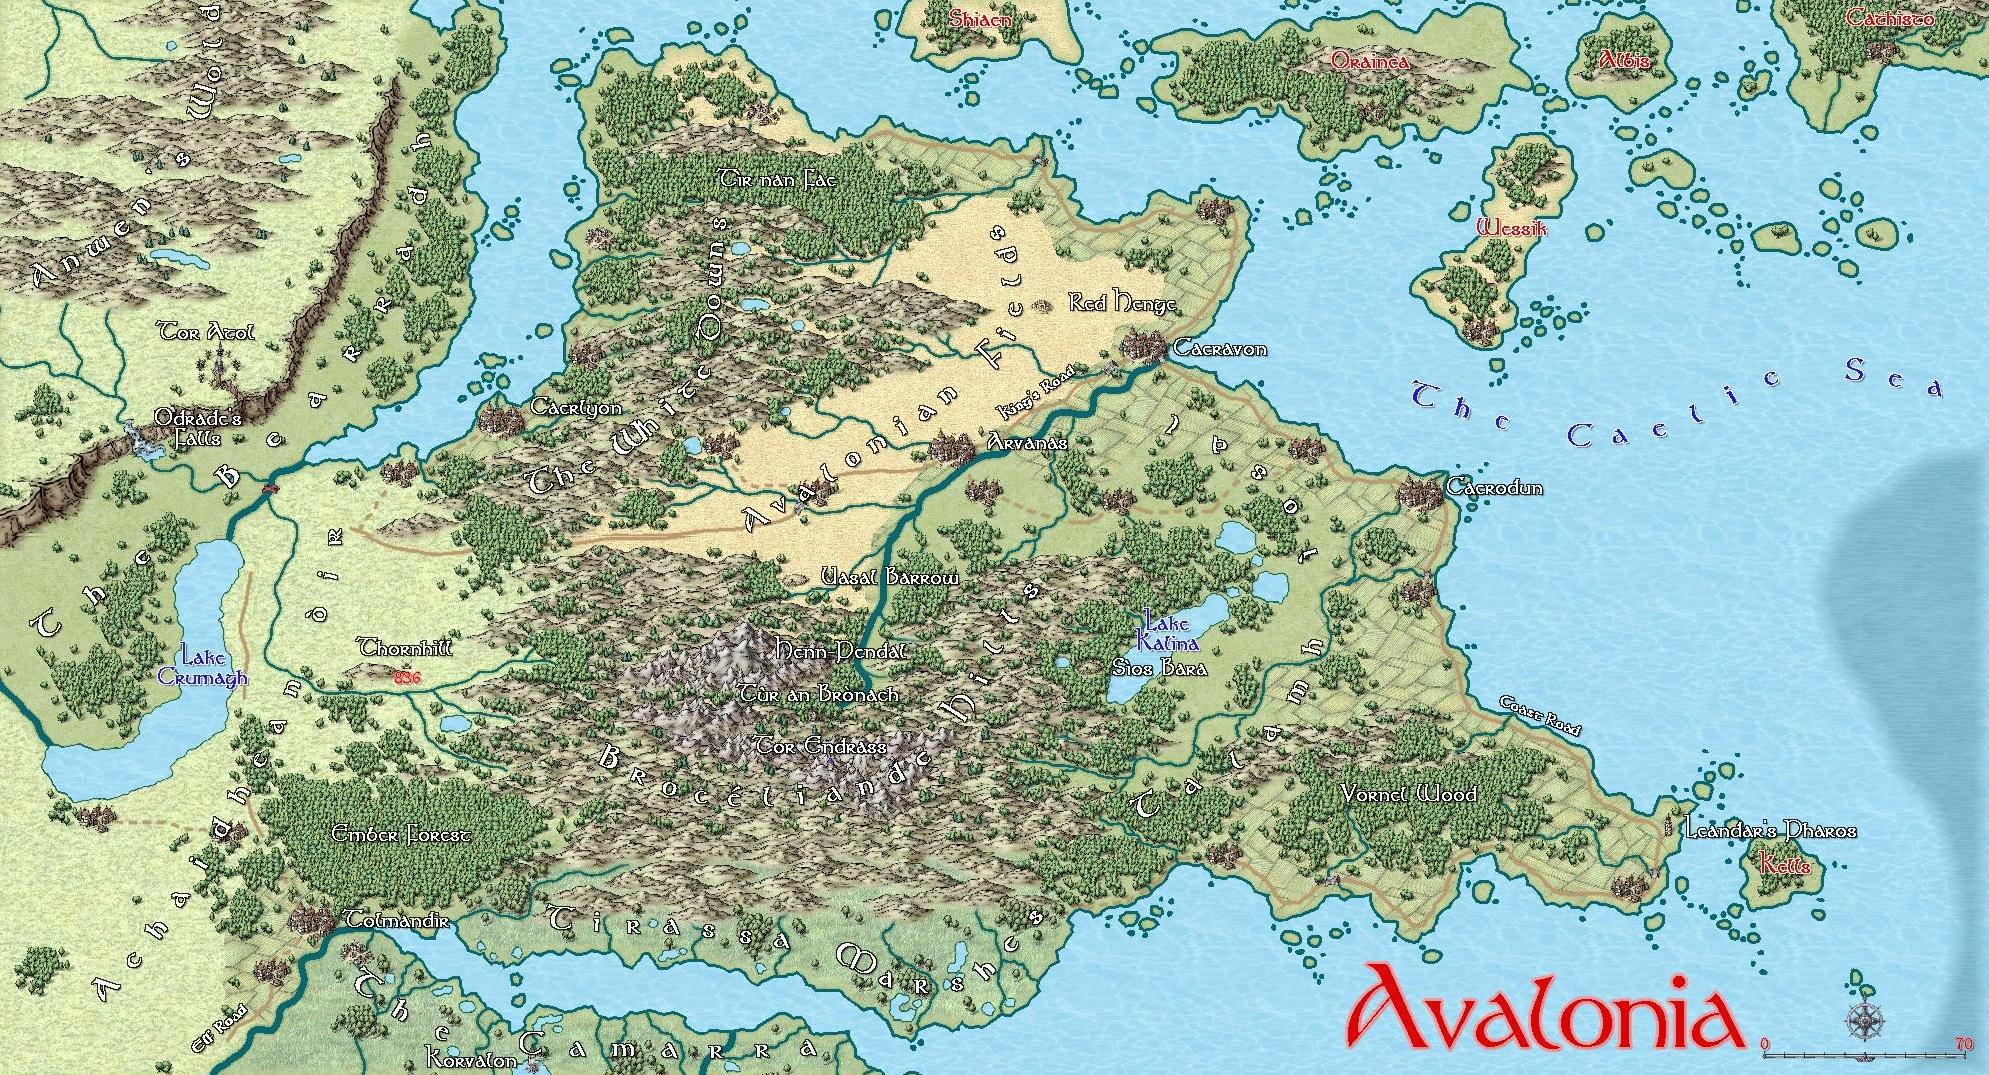 Avalonia ab.JPG